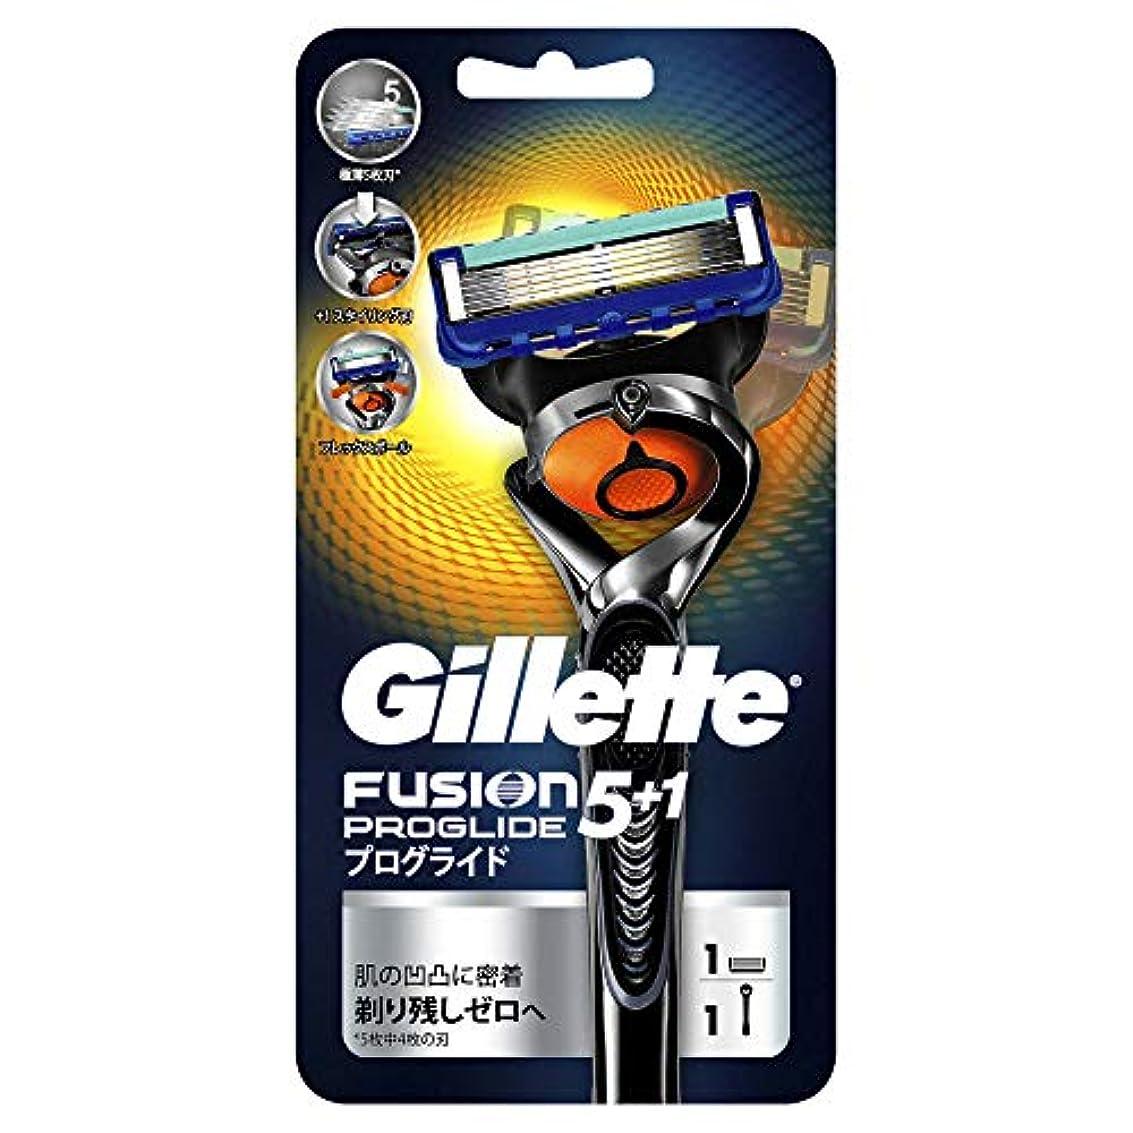 明らかに負ける刺すジレット プログライド フレックスボール マニュアル 髭剃り 本体 お試しパック